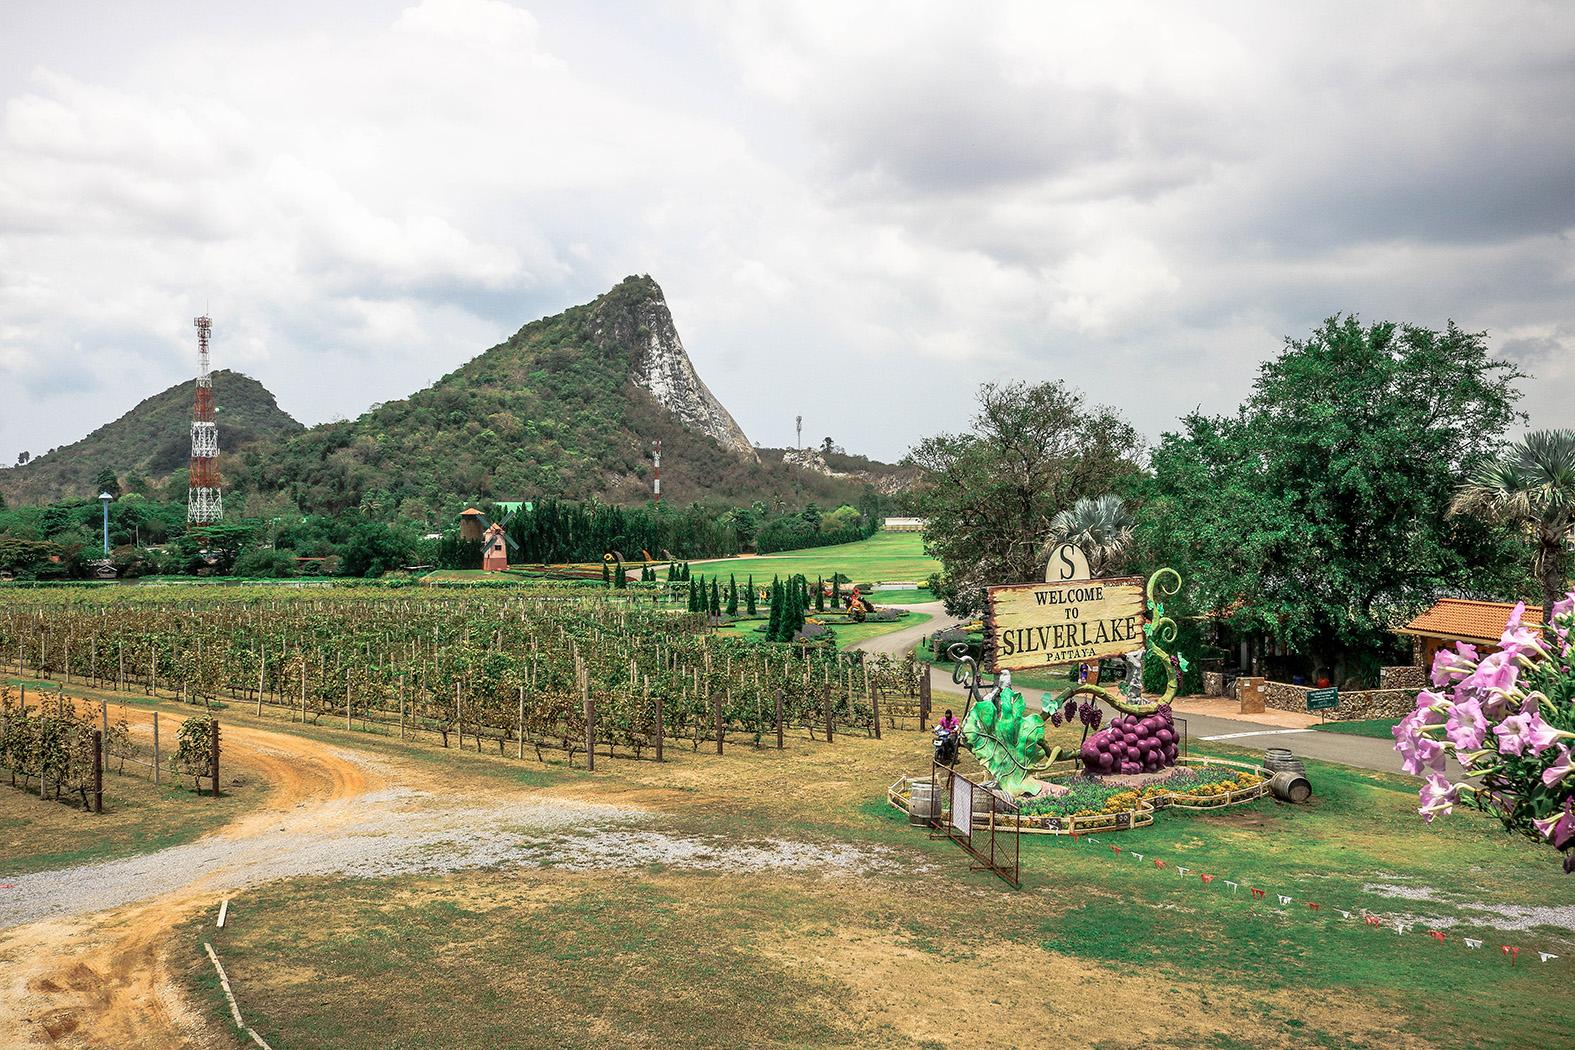 Paket Wisata Tour Thailand/Bangkok Murah 3